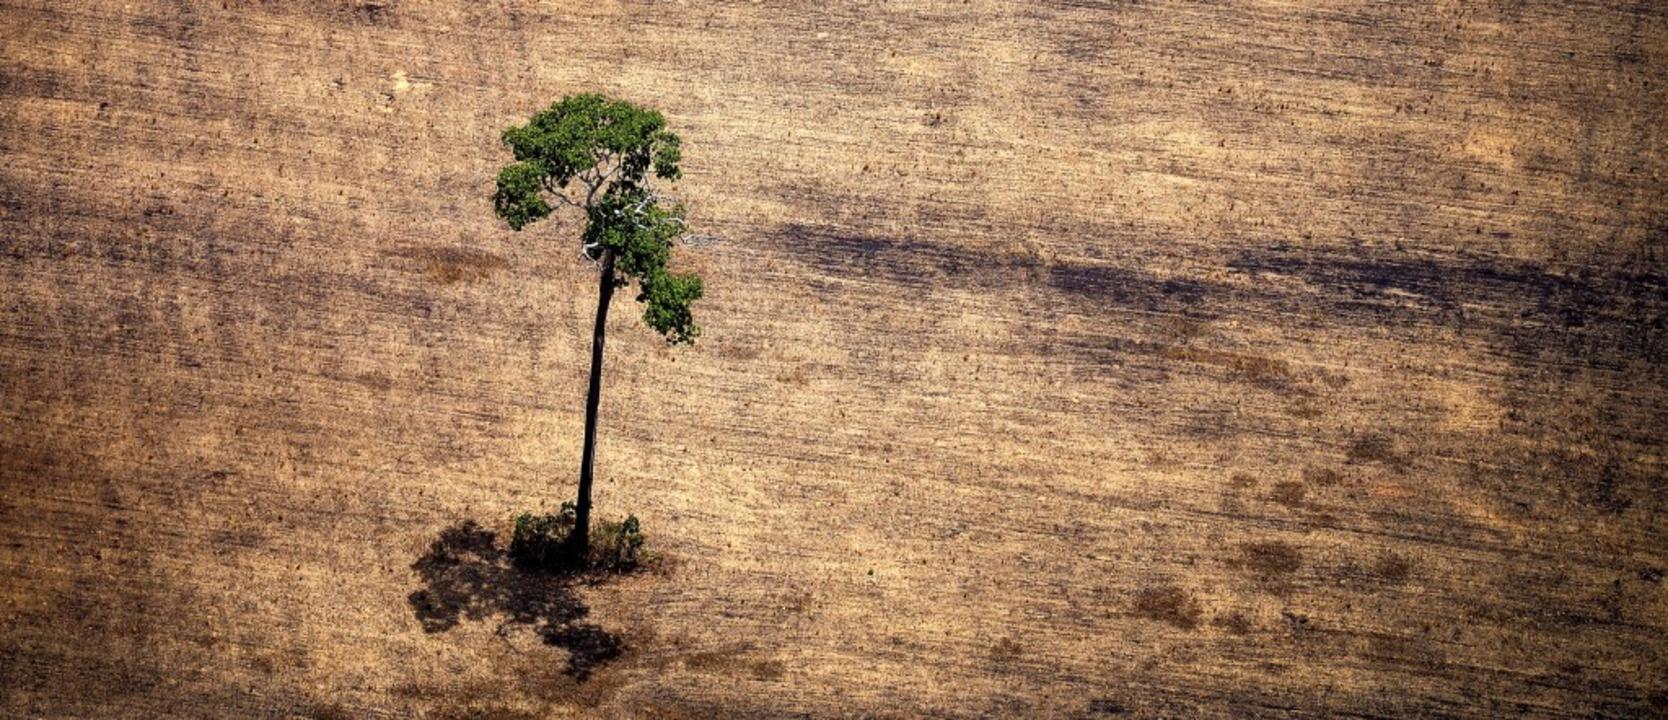 Hier steht nur noch ein Baum – w...nd abgeholzte Fläche im Amazonasgebiet    Foto: RAPHAEL ALVES